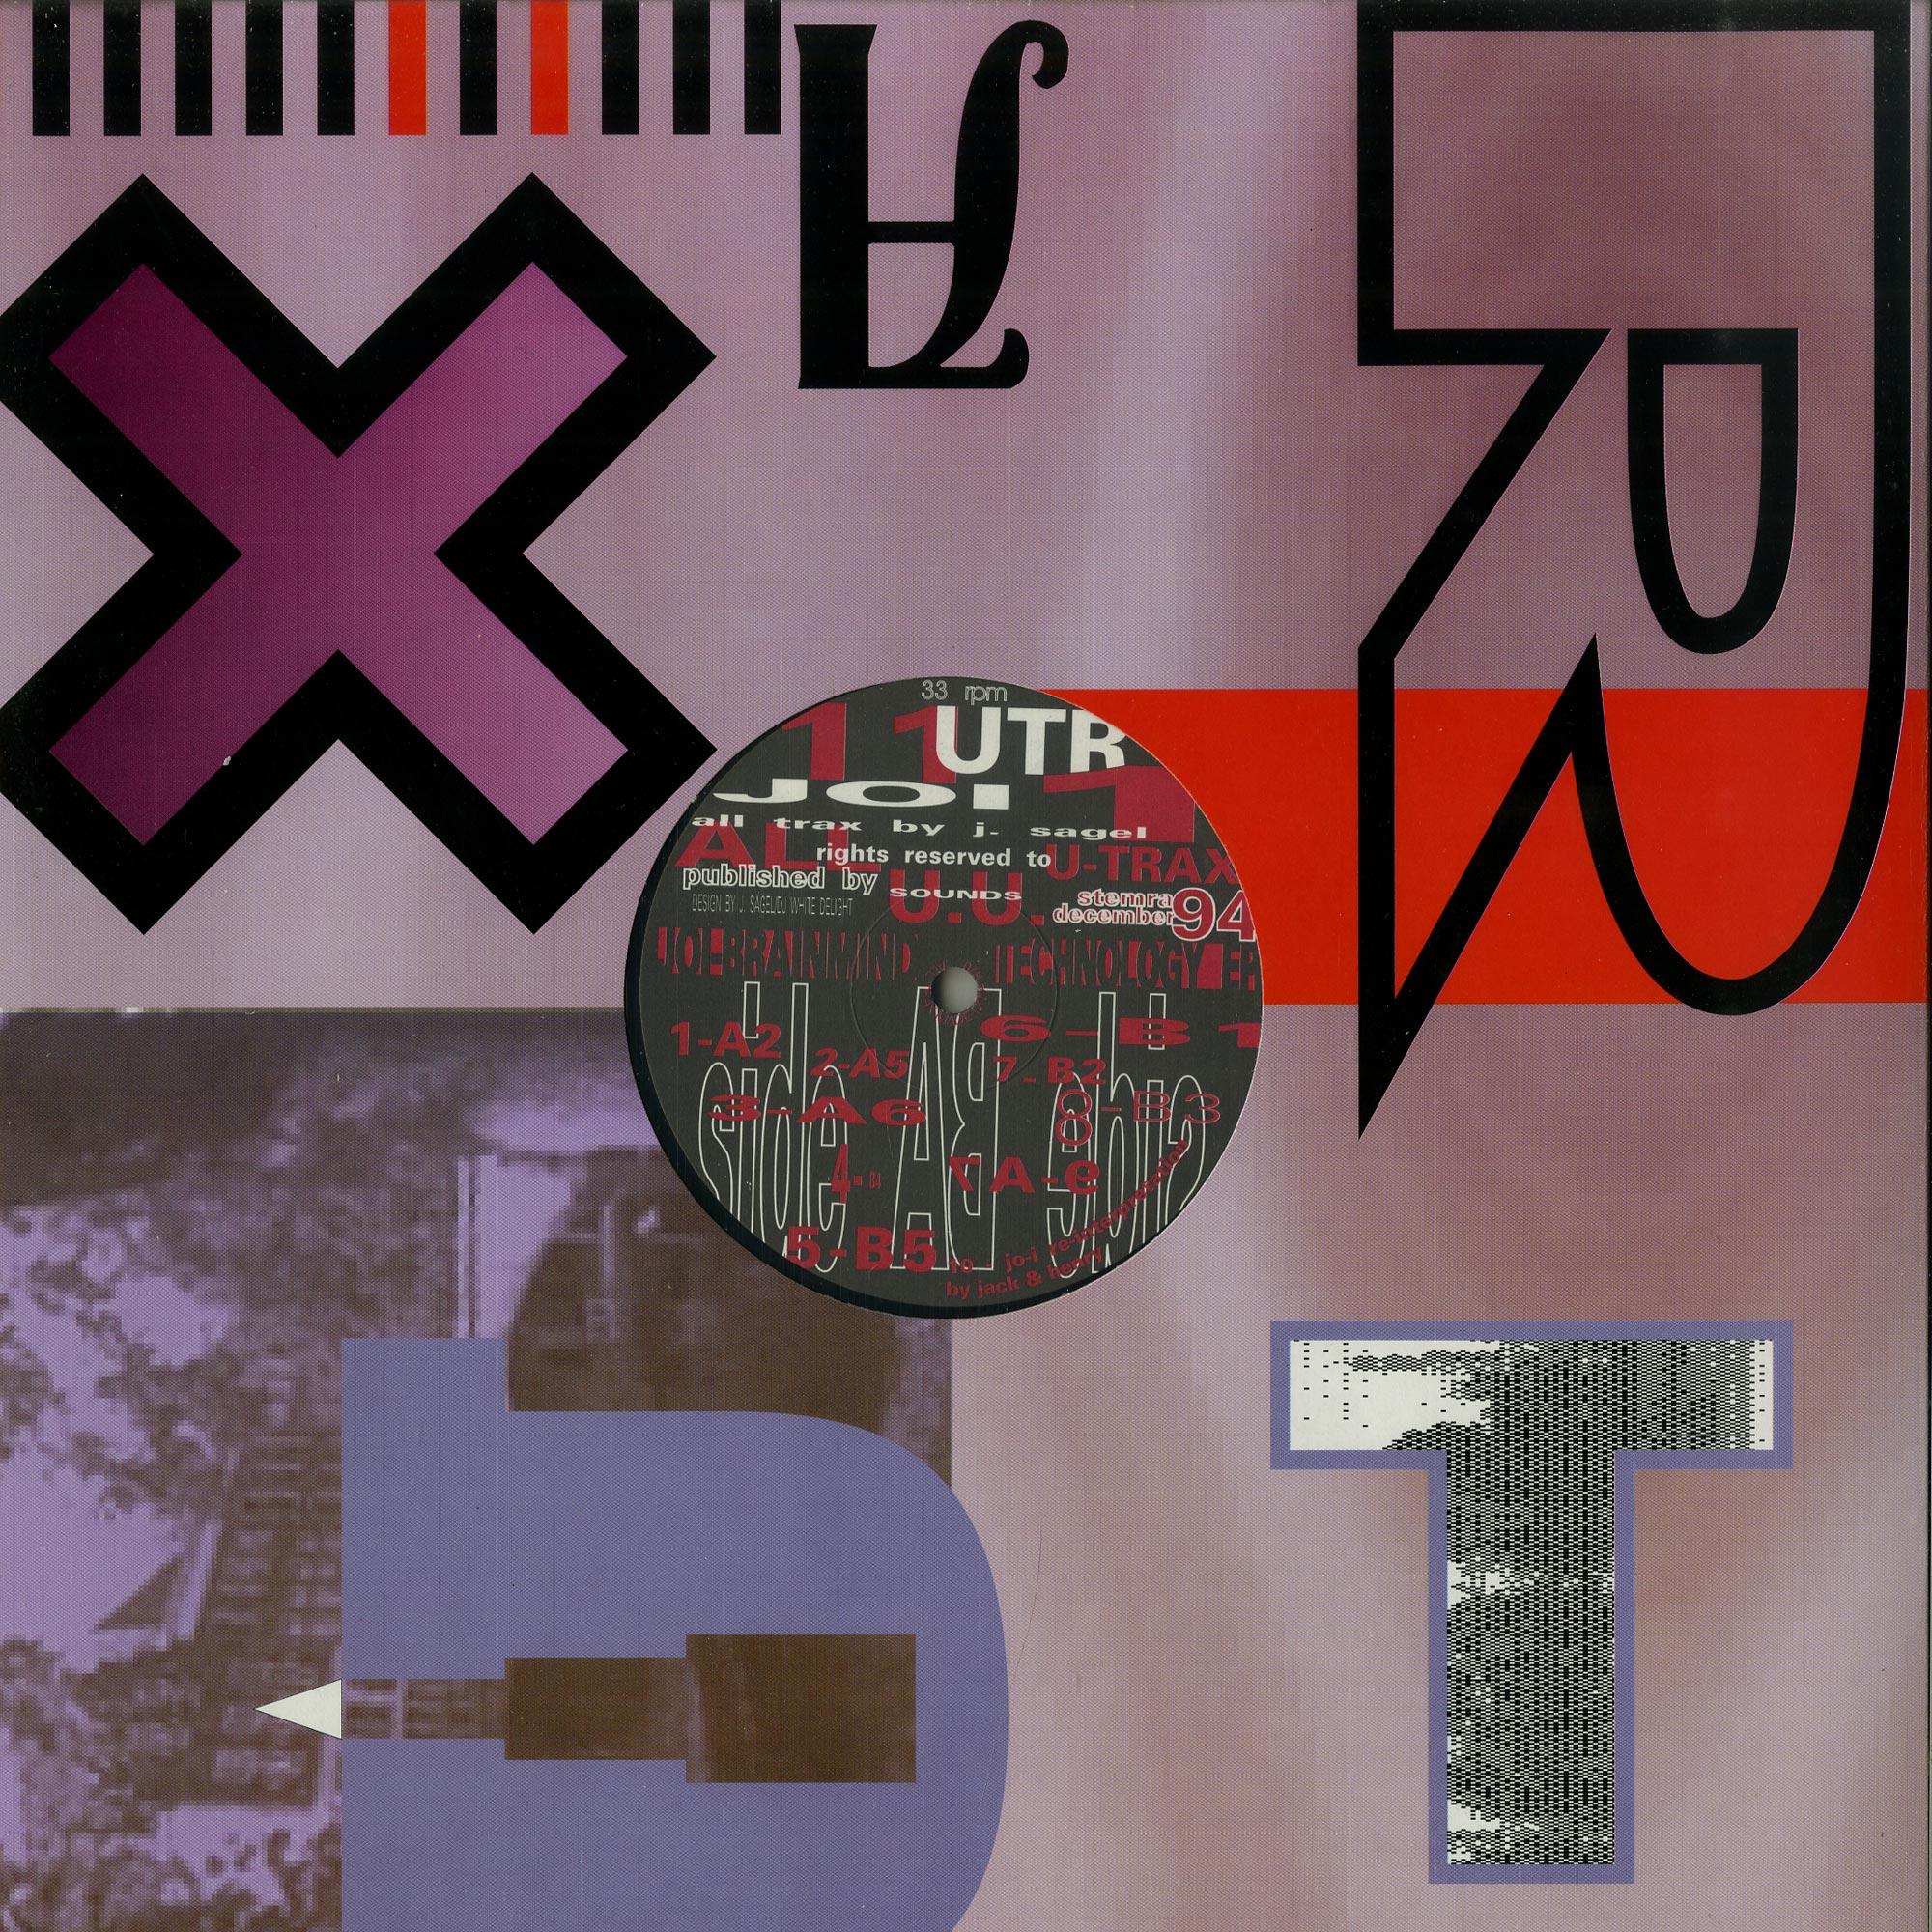 Jo-I - BRAINMIND TECHNOLOGY EP